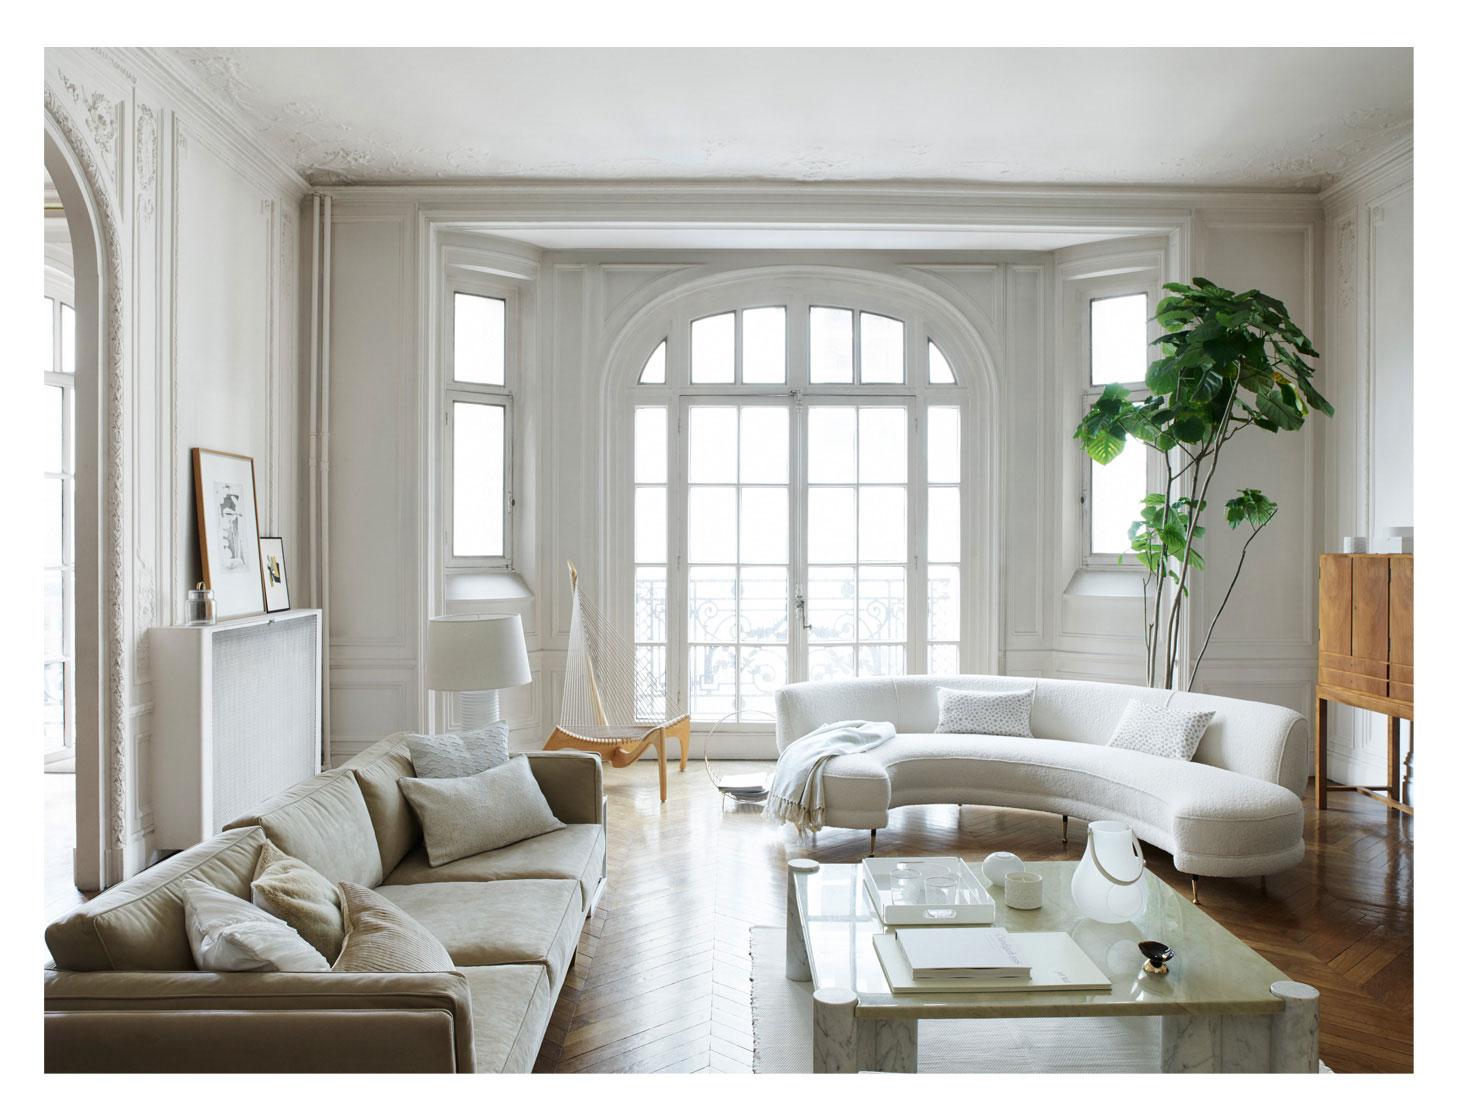 zara home coleccion oto o invierno 2016 2017 revista dolcevita. Black Bedroom Furniture Sets. Home Design Ideas